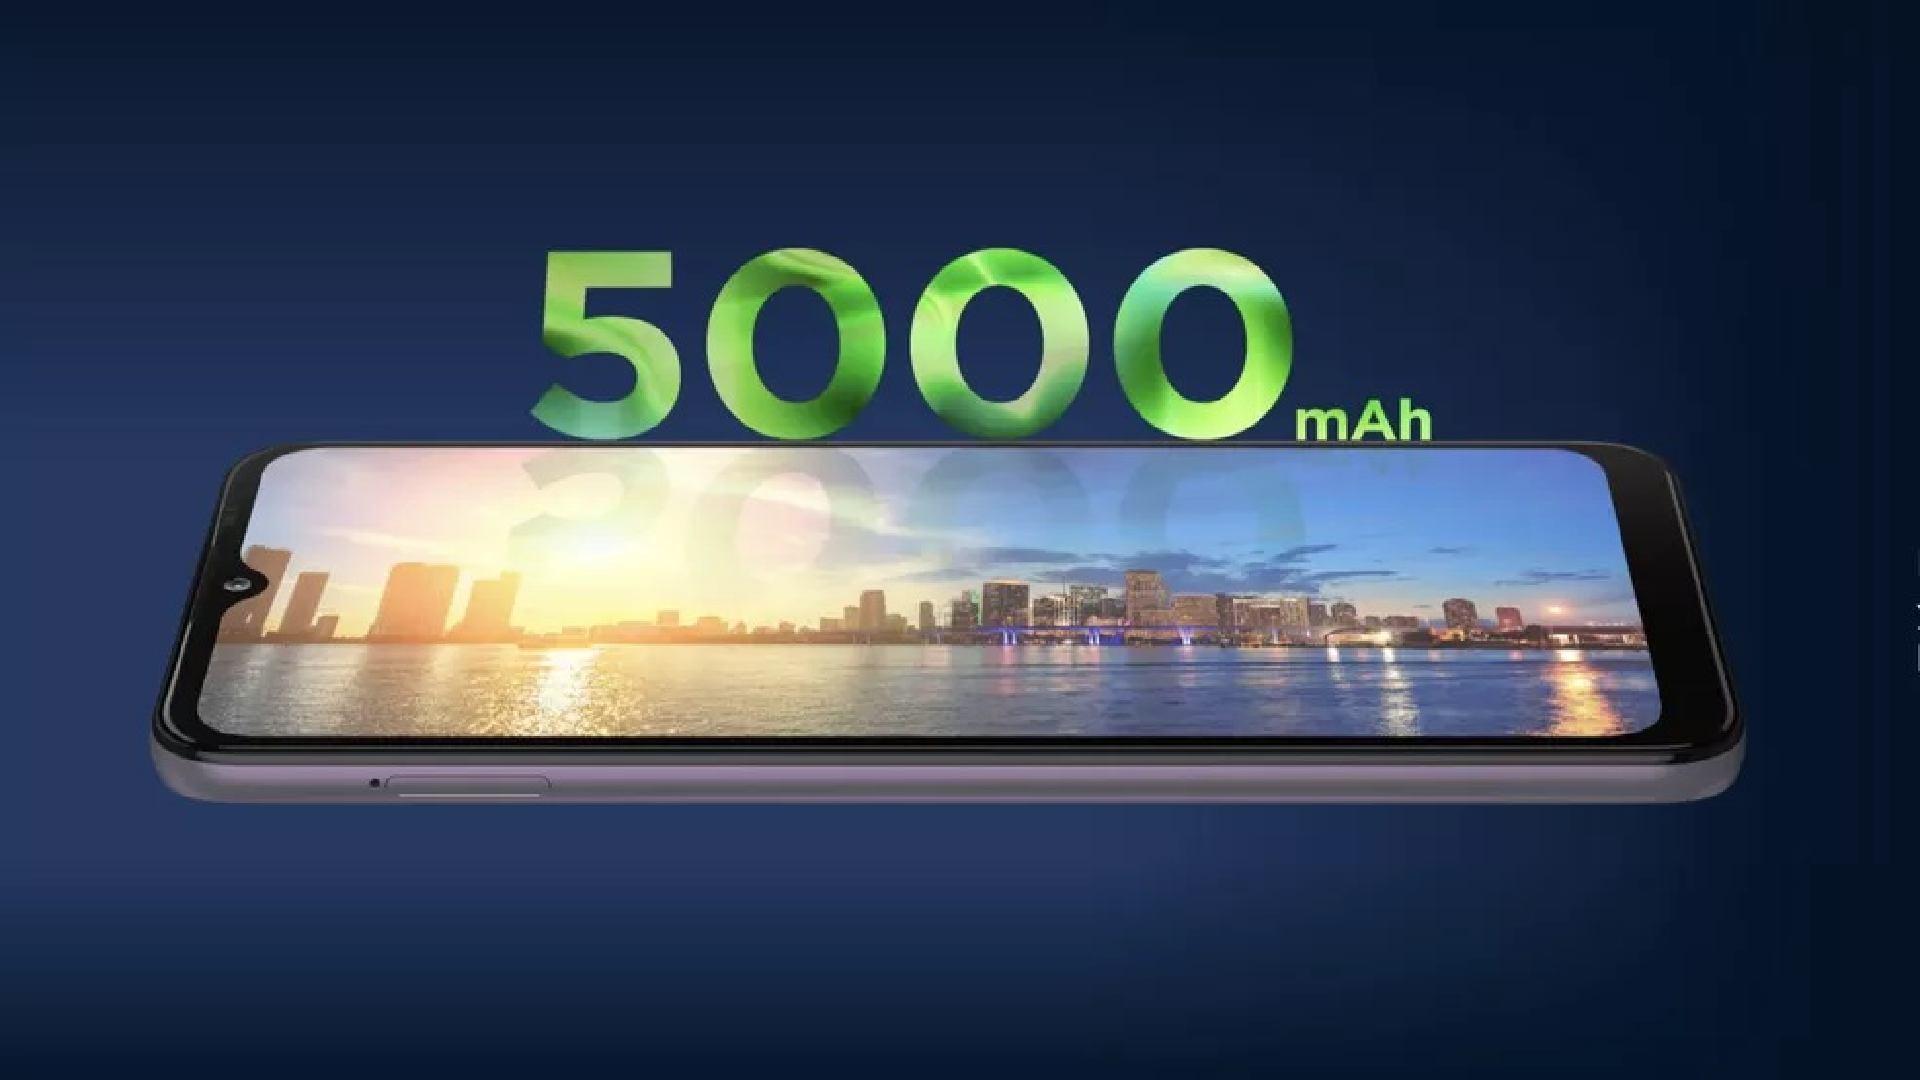 Bateria do Moto G10 indicando capacidade de 5.000 mAh.